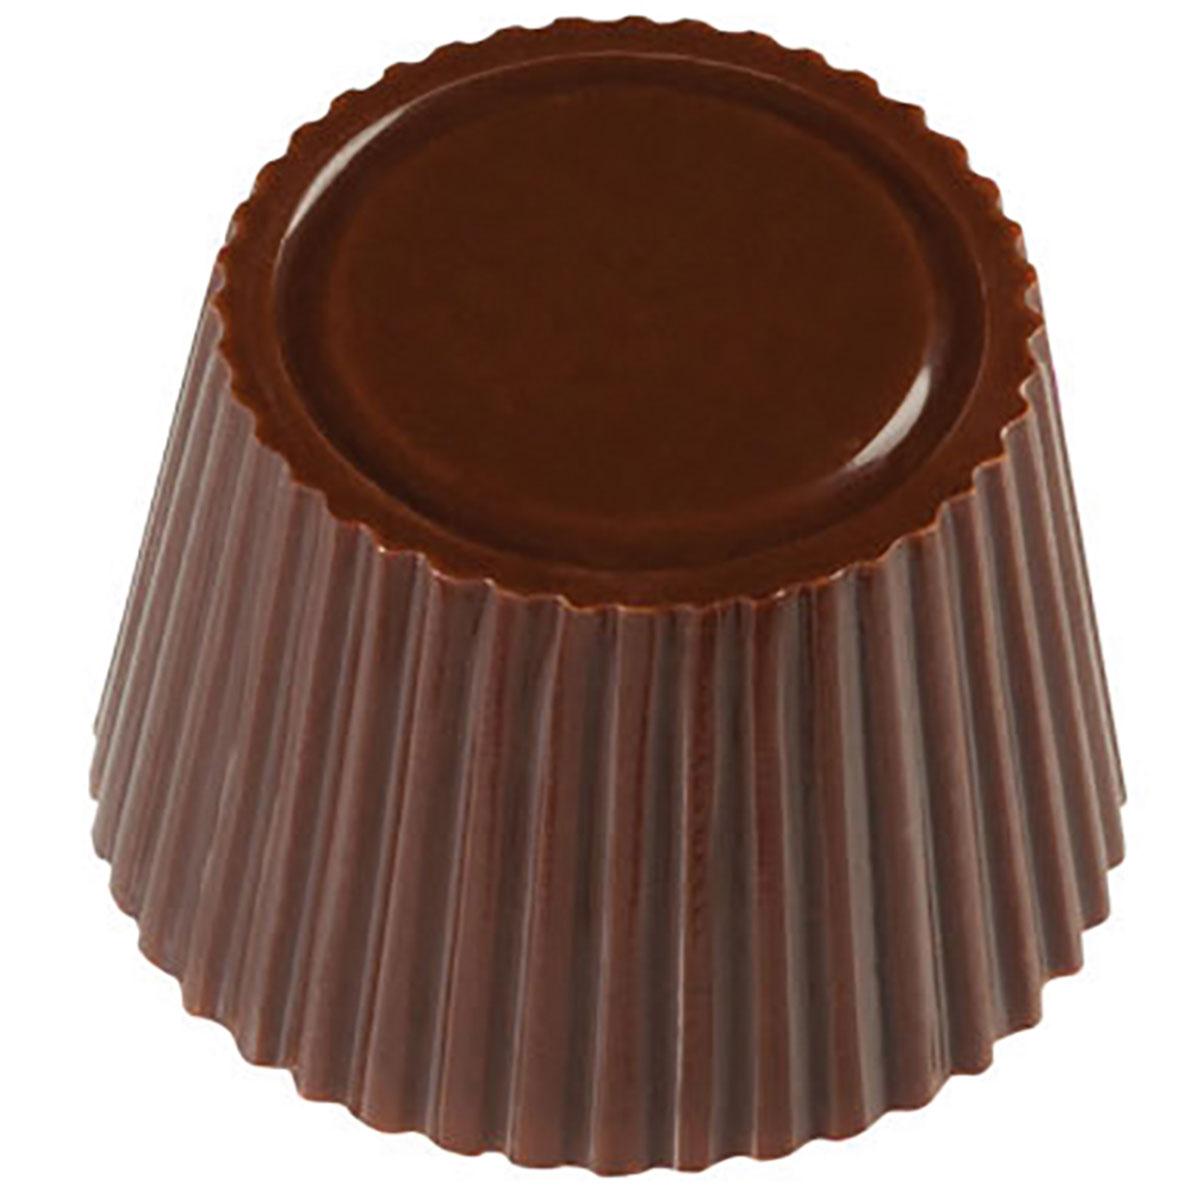 Image of   H. W. Larsen chokoladeform - Pavoni - Model 8SP1002